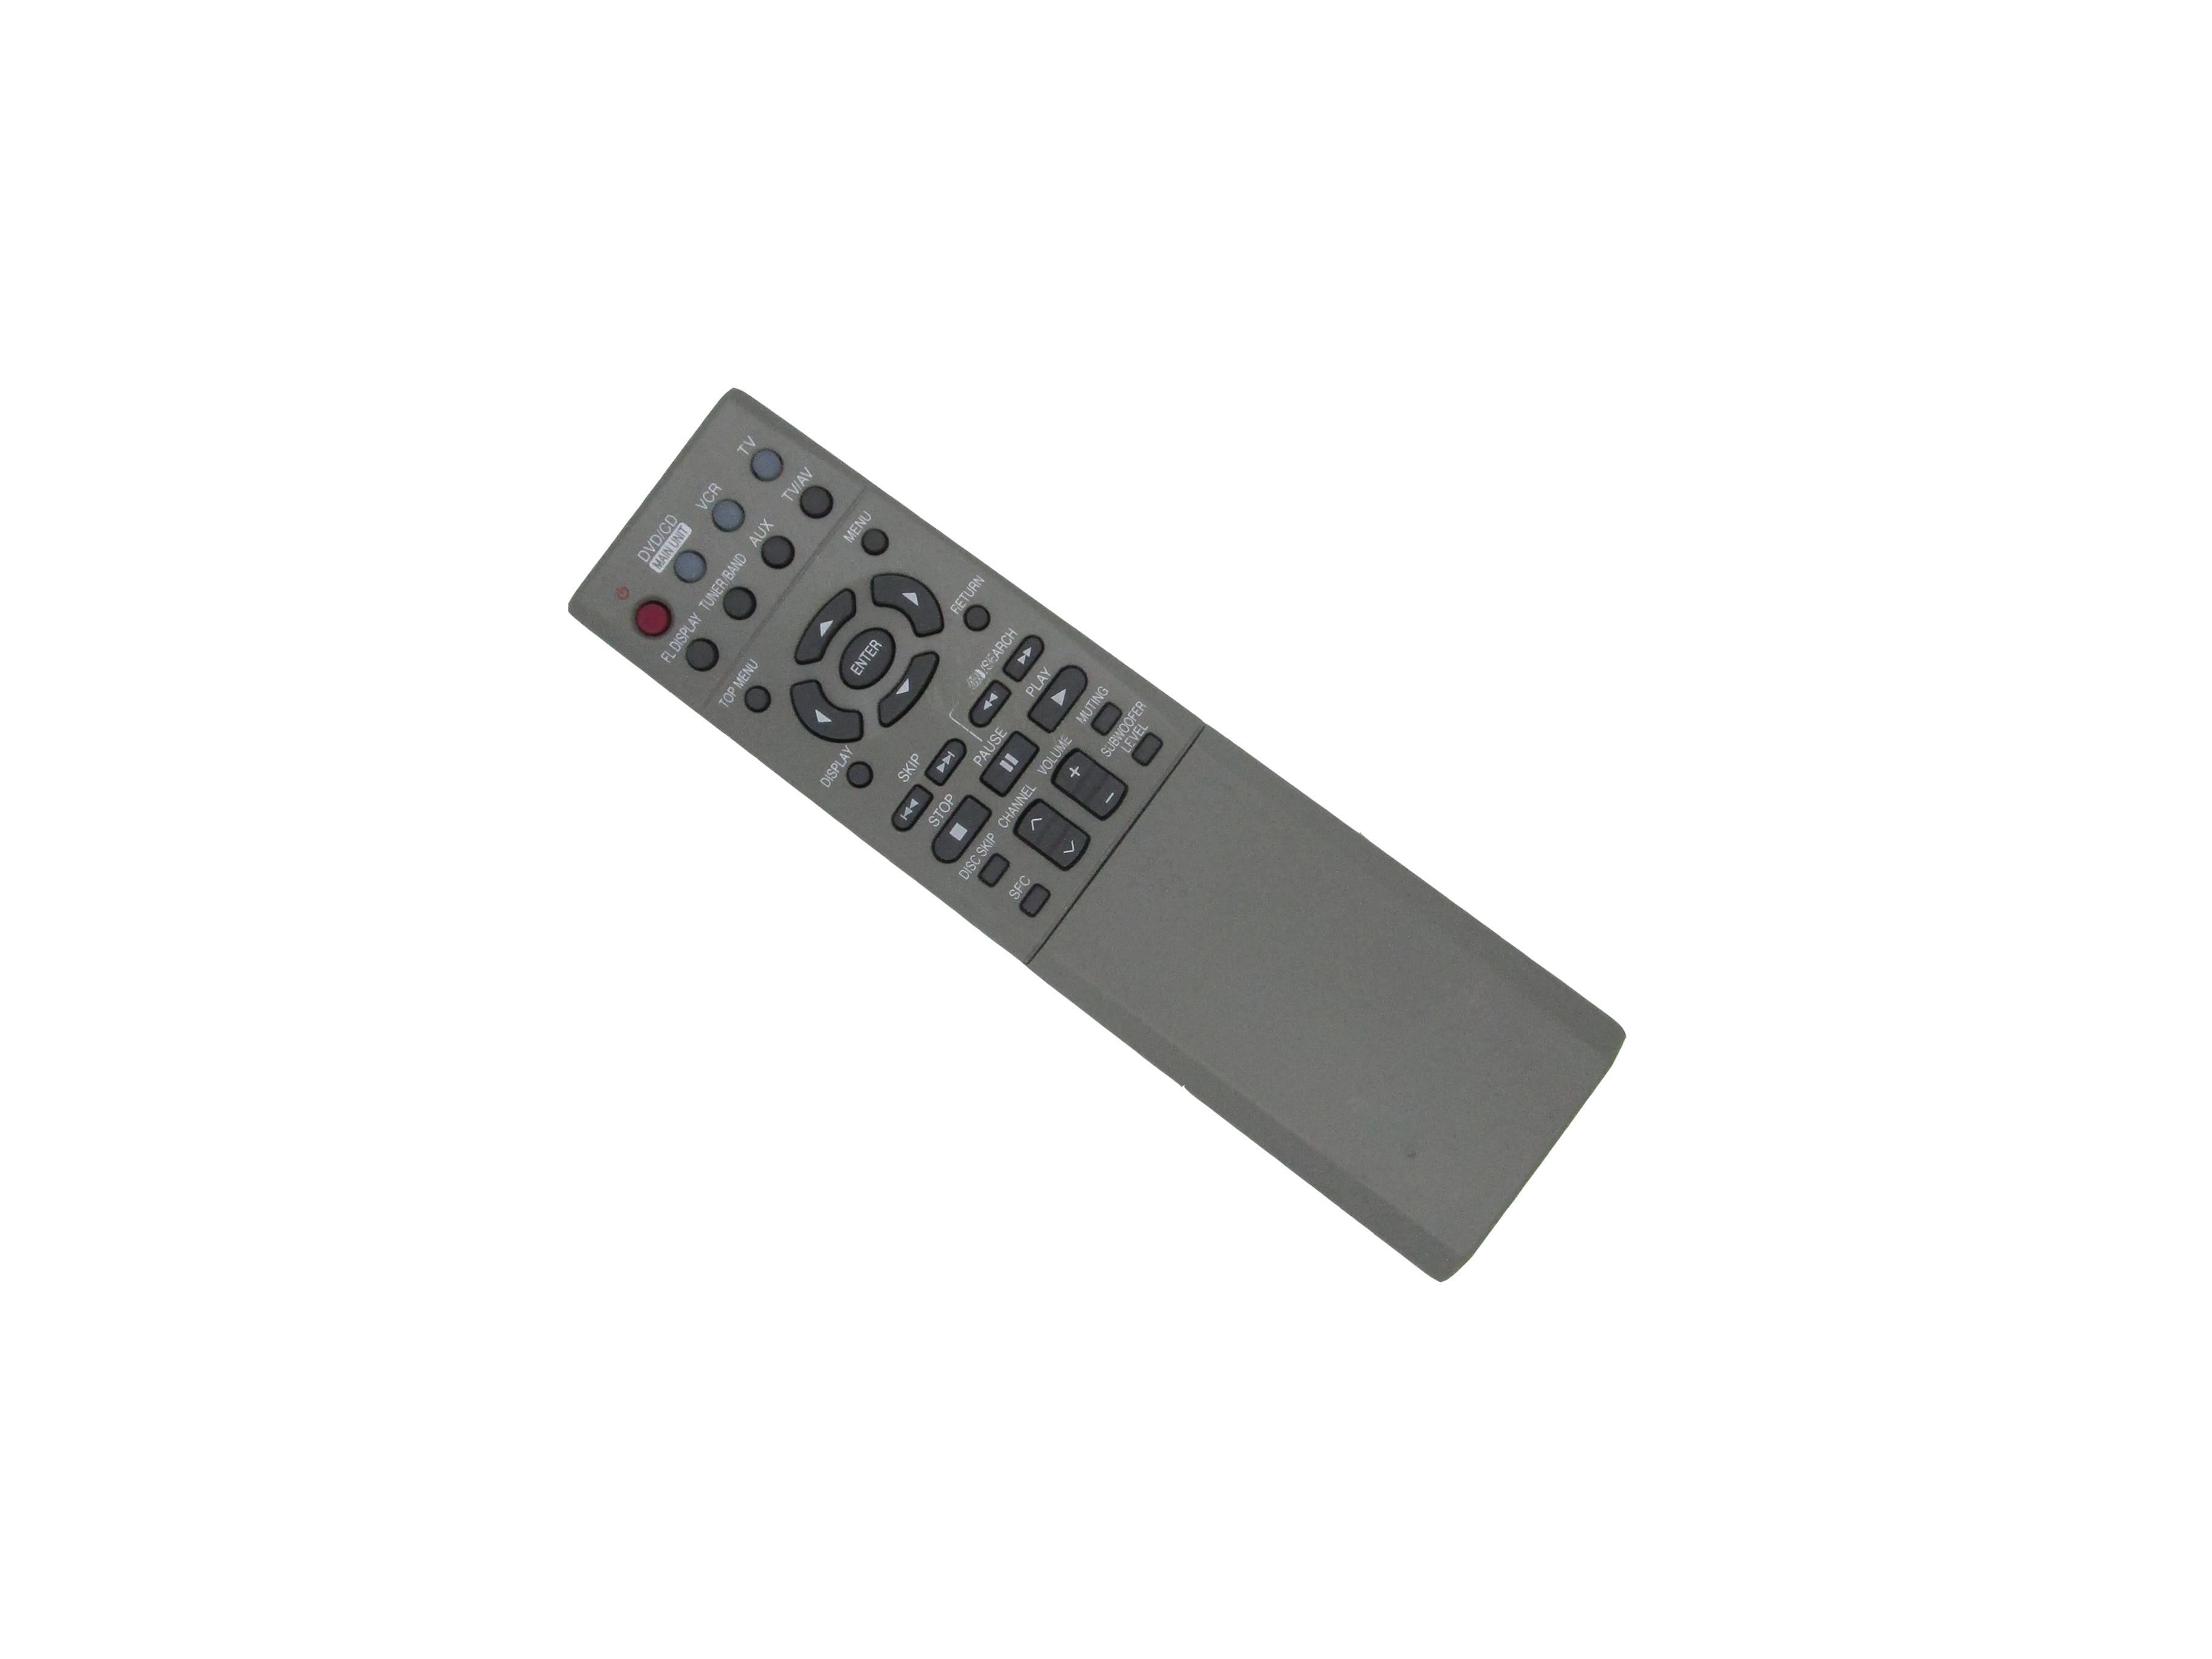 Japanese Remote Control For Panasonic EUR7623X40 EUR7623XD0 EUR7623XA0 SA-HT500 SA-HT650 SA-HT500ES